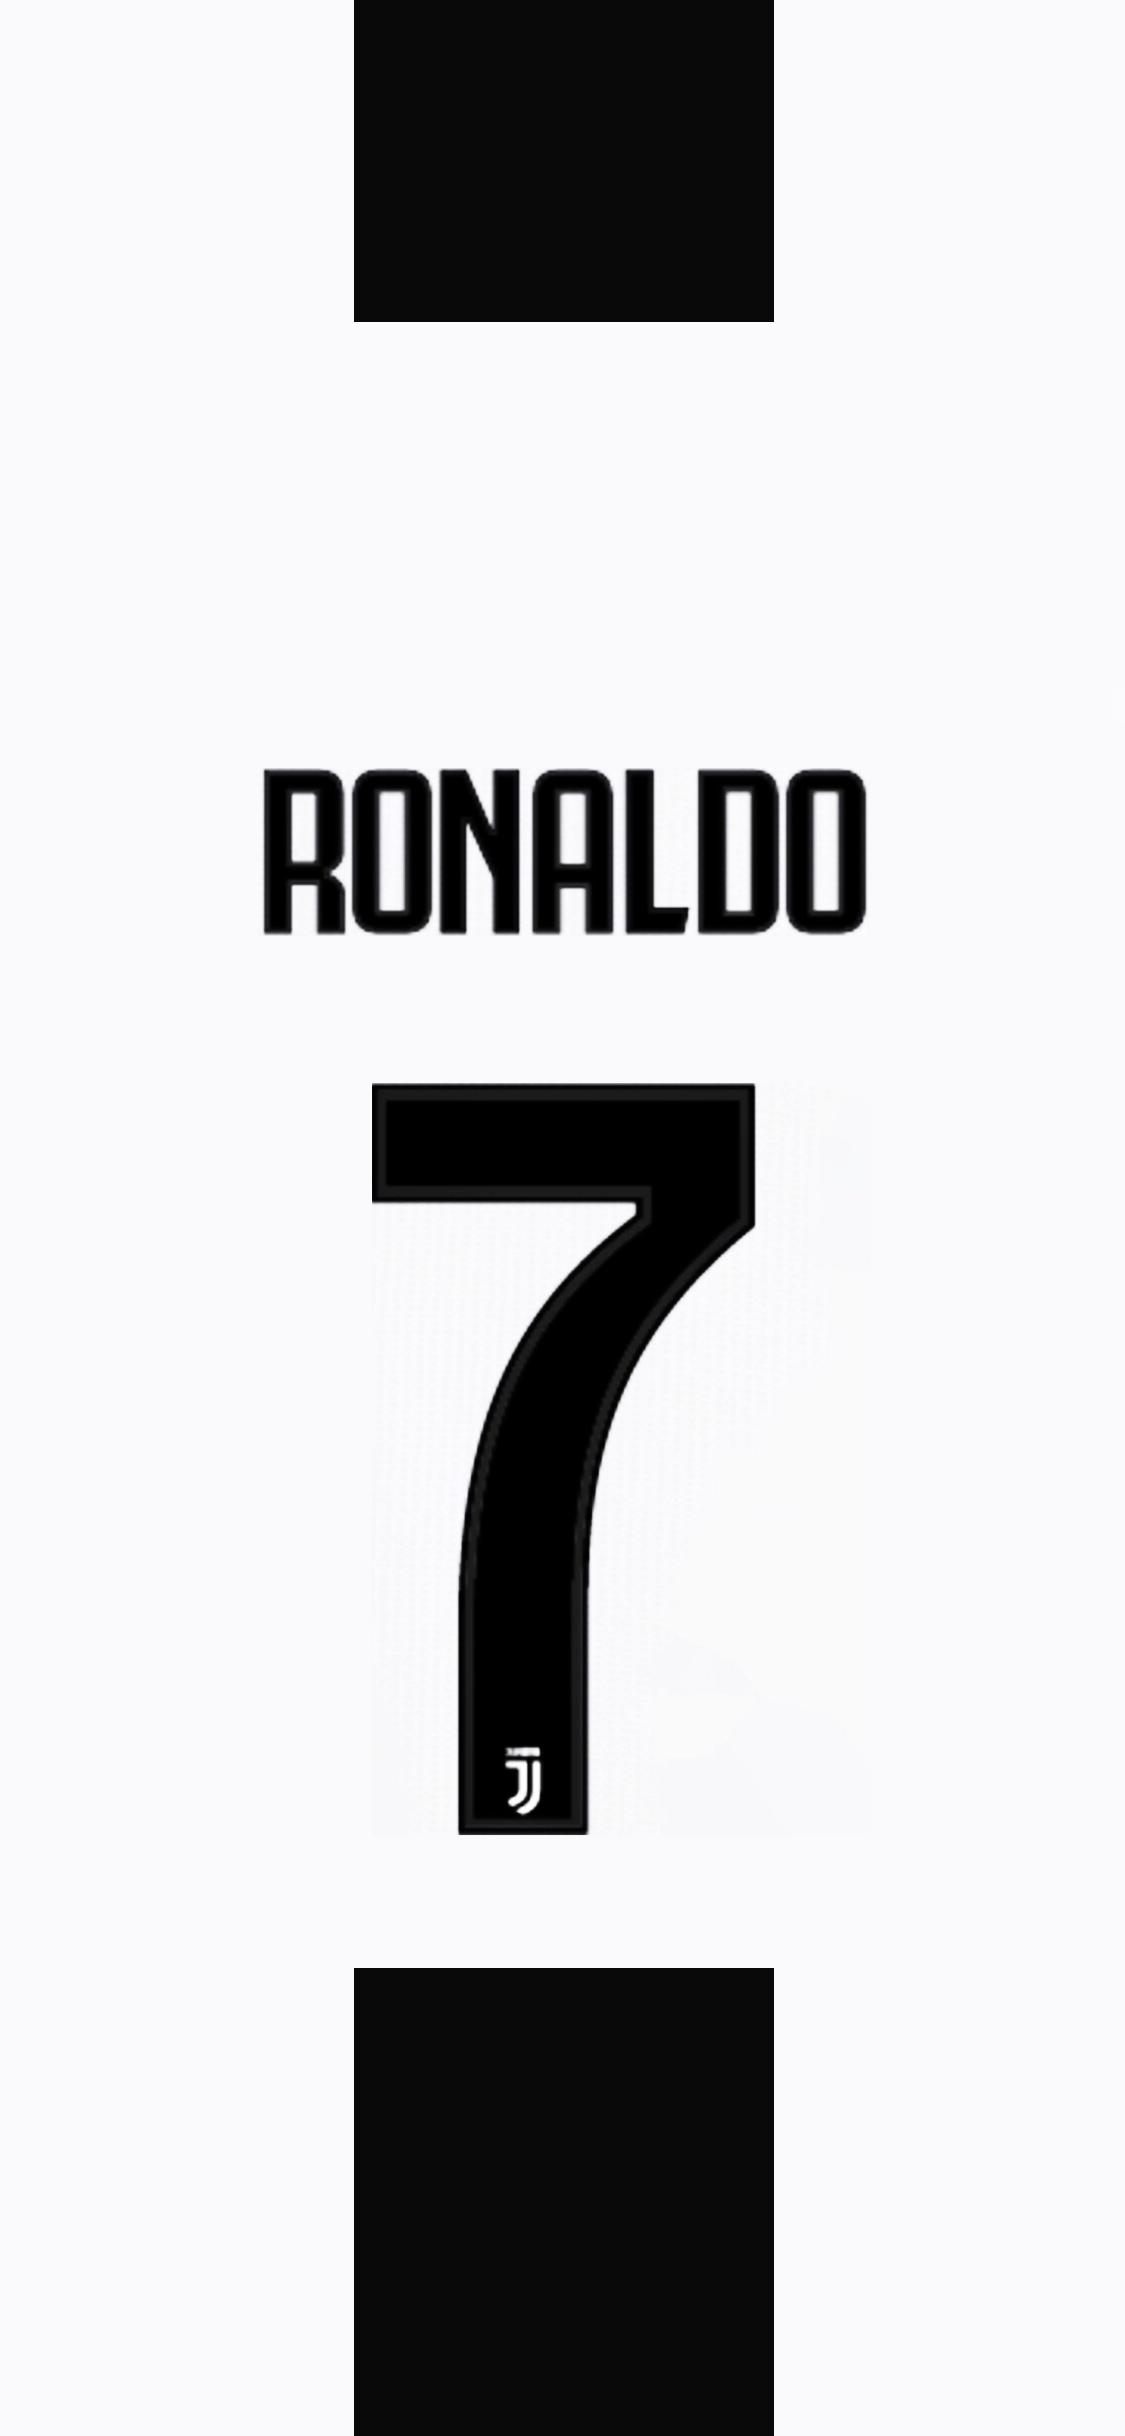 Ronaldo Juventus Mobile Hd Wallpapers Wallpaper Cave